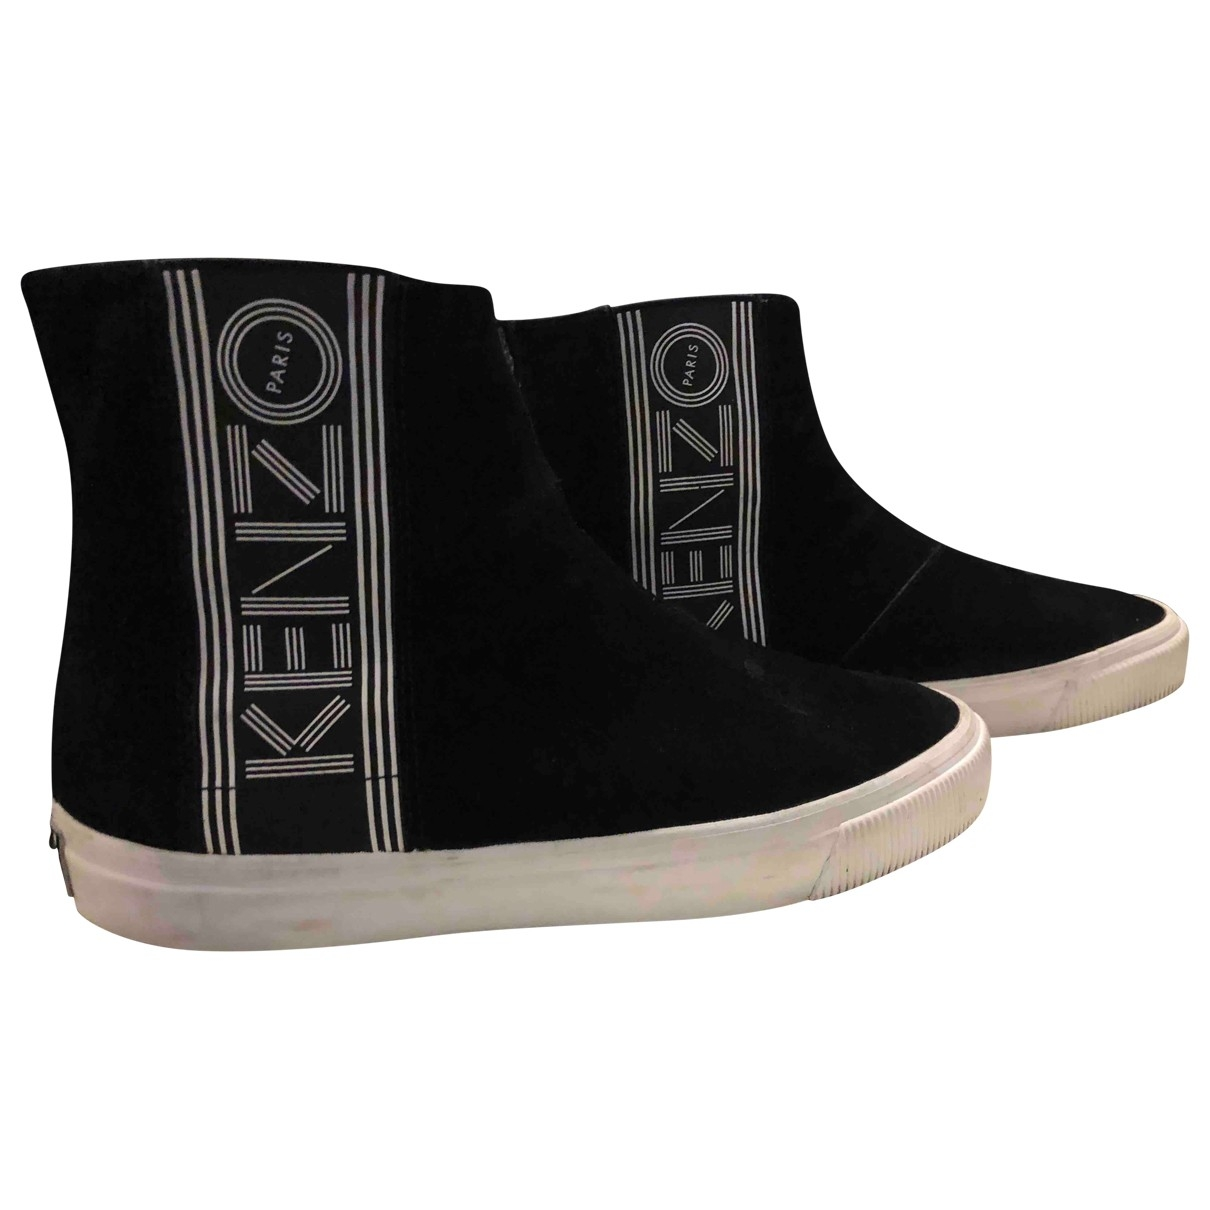 Kenzo - Baskets   pour homme en suede - noir